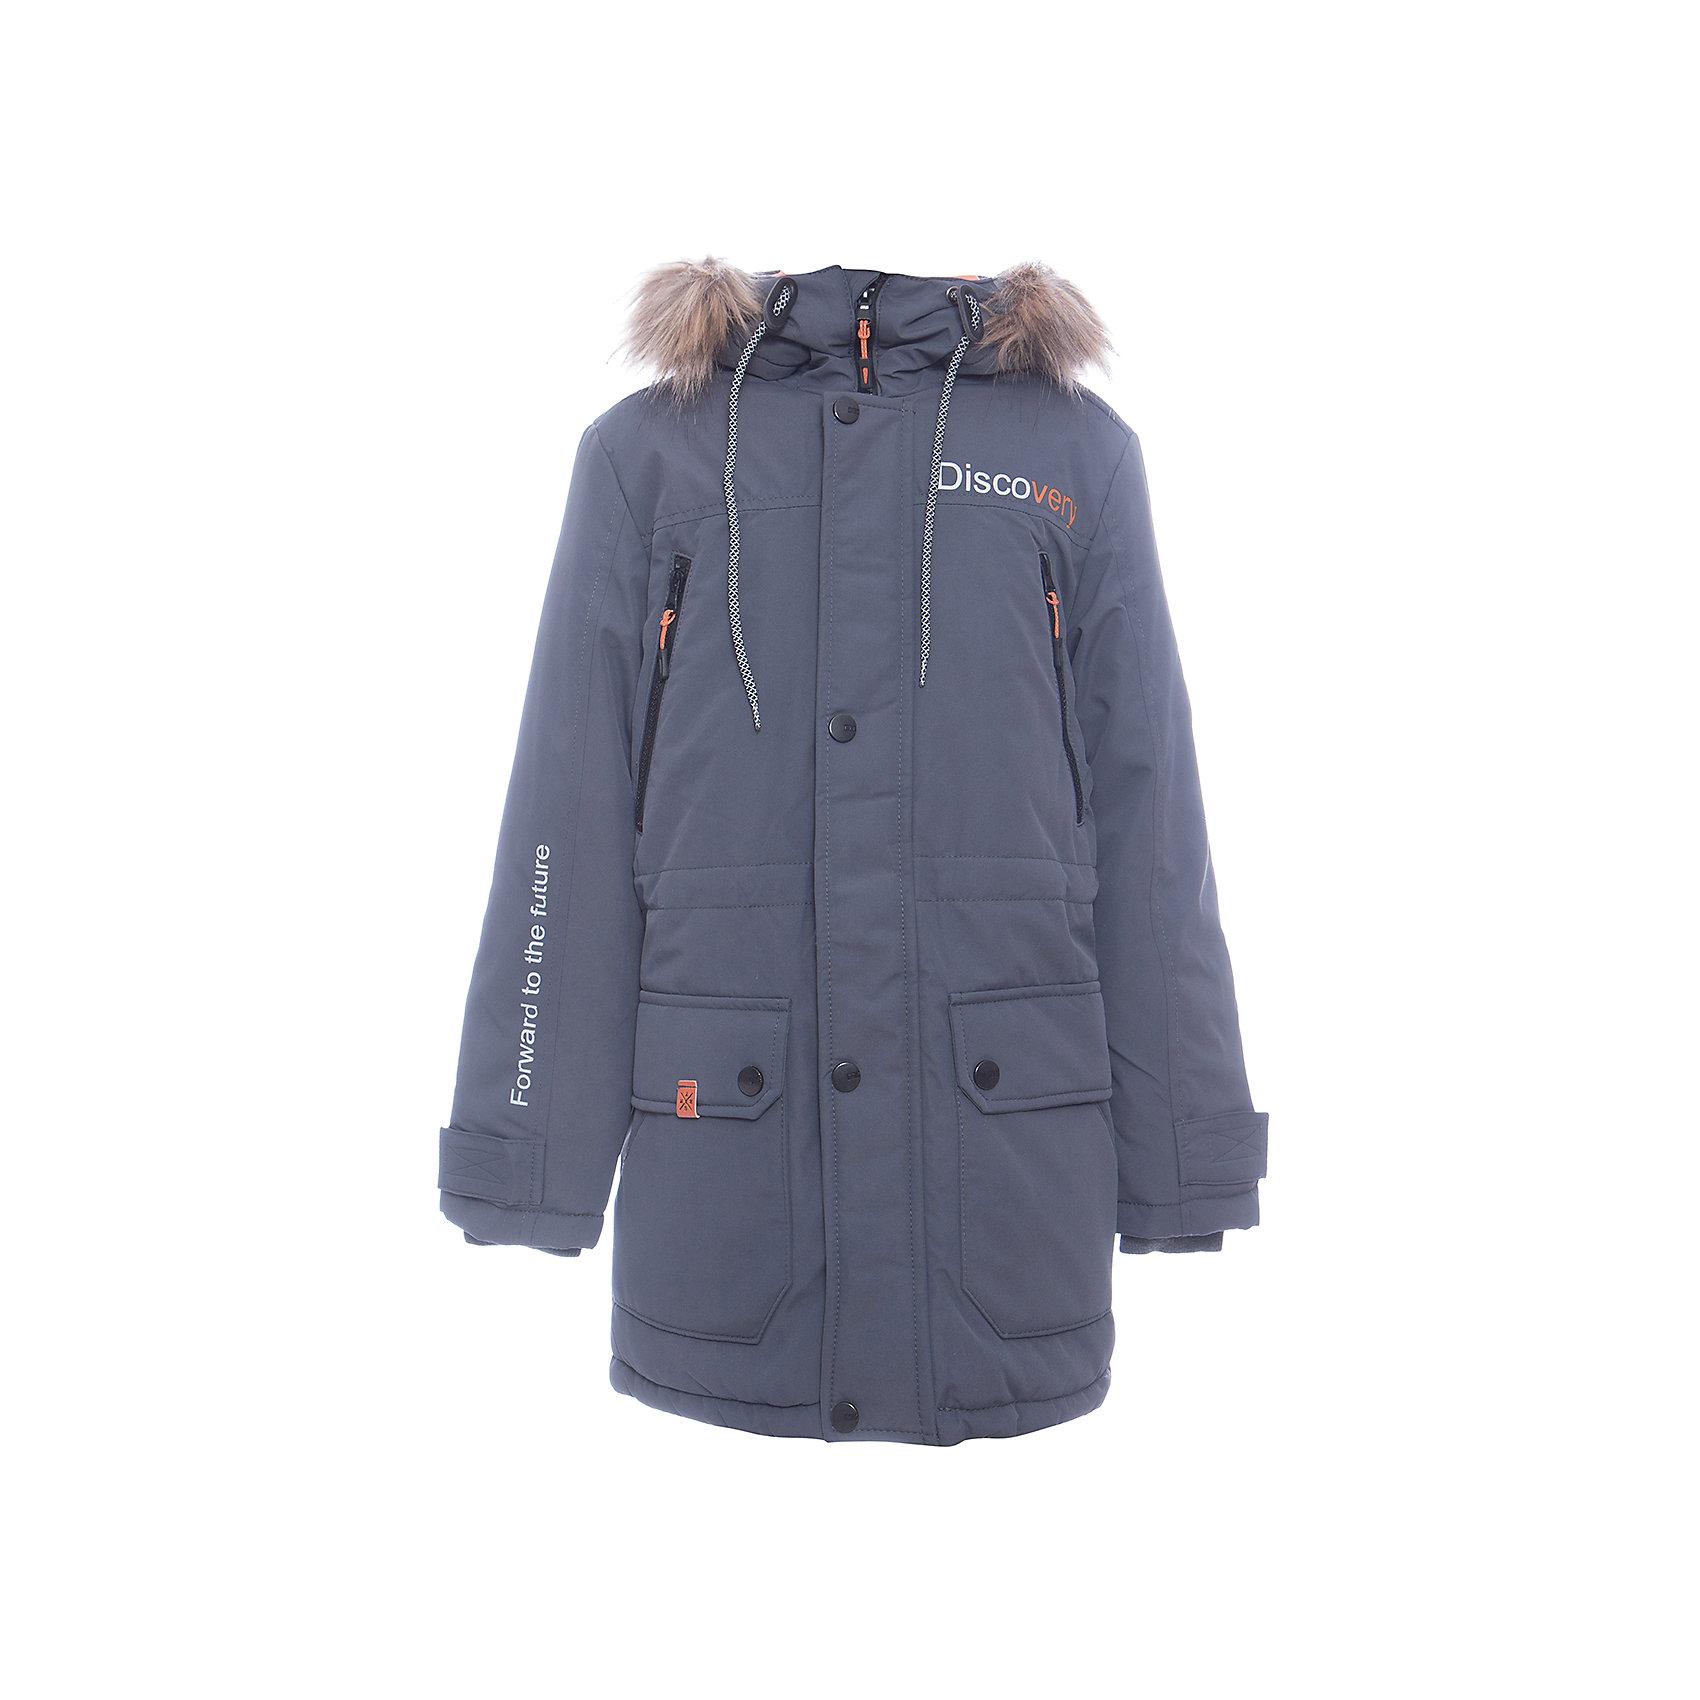 Куртка Томас Batik для мальчикаВерхняя одежда<br>Характеристики товара:<br><br>• цвет: графит<br>• состав ткани: таслан<br>• подкладка: поларфлис<br>• утеплитель: слайтекс<br>• сезон: зима<br>• мембранное покрытие<br>• температурный режим: от -35 до 0<br>• водонепроницаемость: 5000 мм <br>• паропроницаемость: 5000 г/м2<br>• плотность утеплителя: 300 г/м2<br>• застежка: молния<br>• капюшон: с мехом, съемный<br>• страна бренда: Россия<br>• страна изготовитель: Россия<br><br>Обеспечить ребенку защиту от мороза, влаги и ветра поможет теплая детская куртка. Зимняя куртка Batik для мальчика благодаря мембранному покрытию подходит для ношения в сильные морозы. Детская куртка от бренда Batik отличается удобным капюшоном и карманами. Мембранная зимняя куртка стильная и теплая. <br><br>Куртку Томас Batik (Батик) для мальчика можно купить в нашем интернет-магазине.<br><br>Ширина мм: 356<br>Глубина мм: 10<br>Высота мм: 245<br>Вес г: 519<br>Цвет: серый<br>Возраст от месяцев: 120<br>Возраст до месяцев: 132<br>Пол: Мужской<br>Возраст: Детский<br>Размер: 146,152,158,164,134,140<br>SKU: 7028451